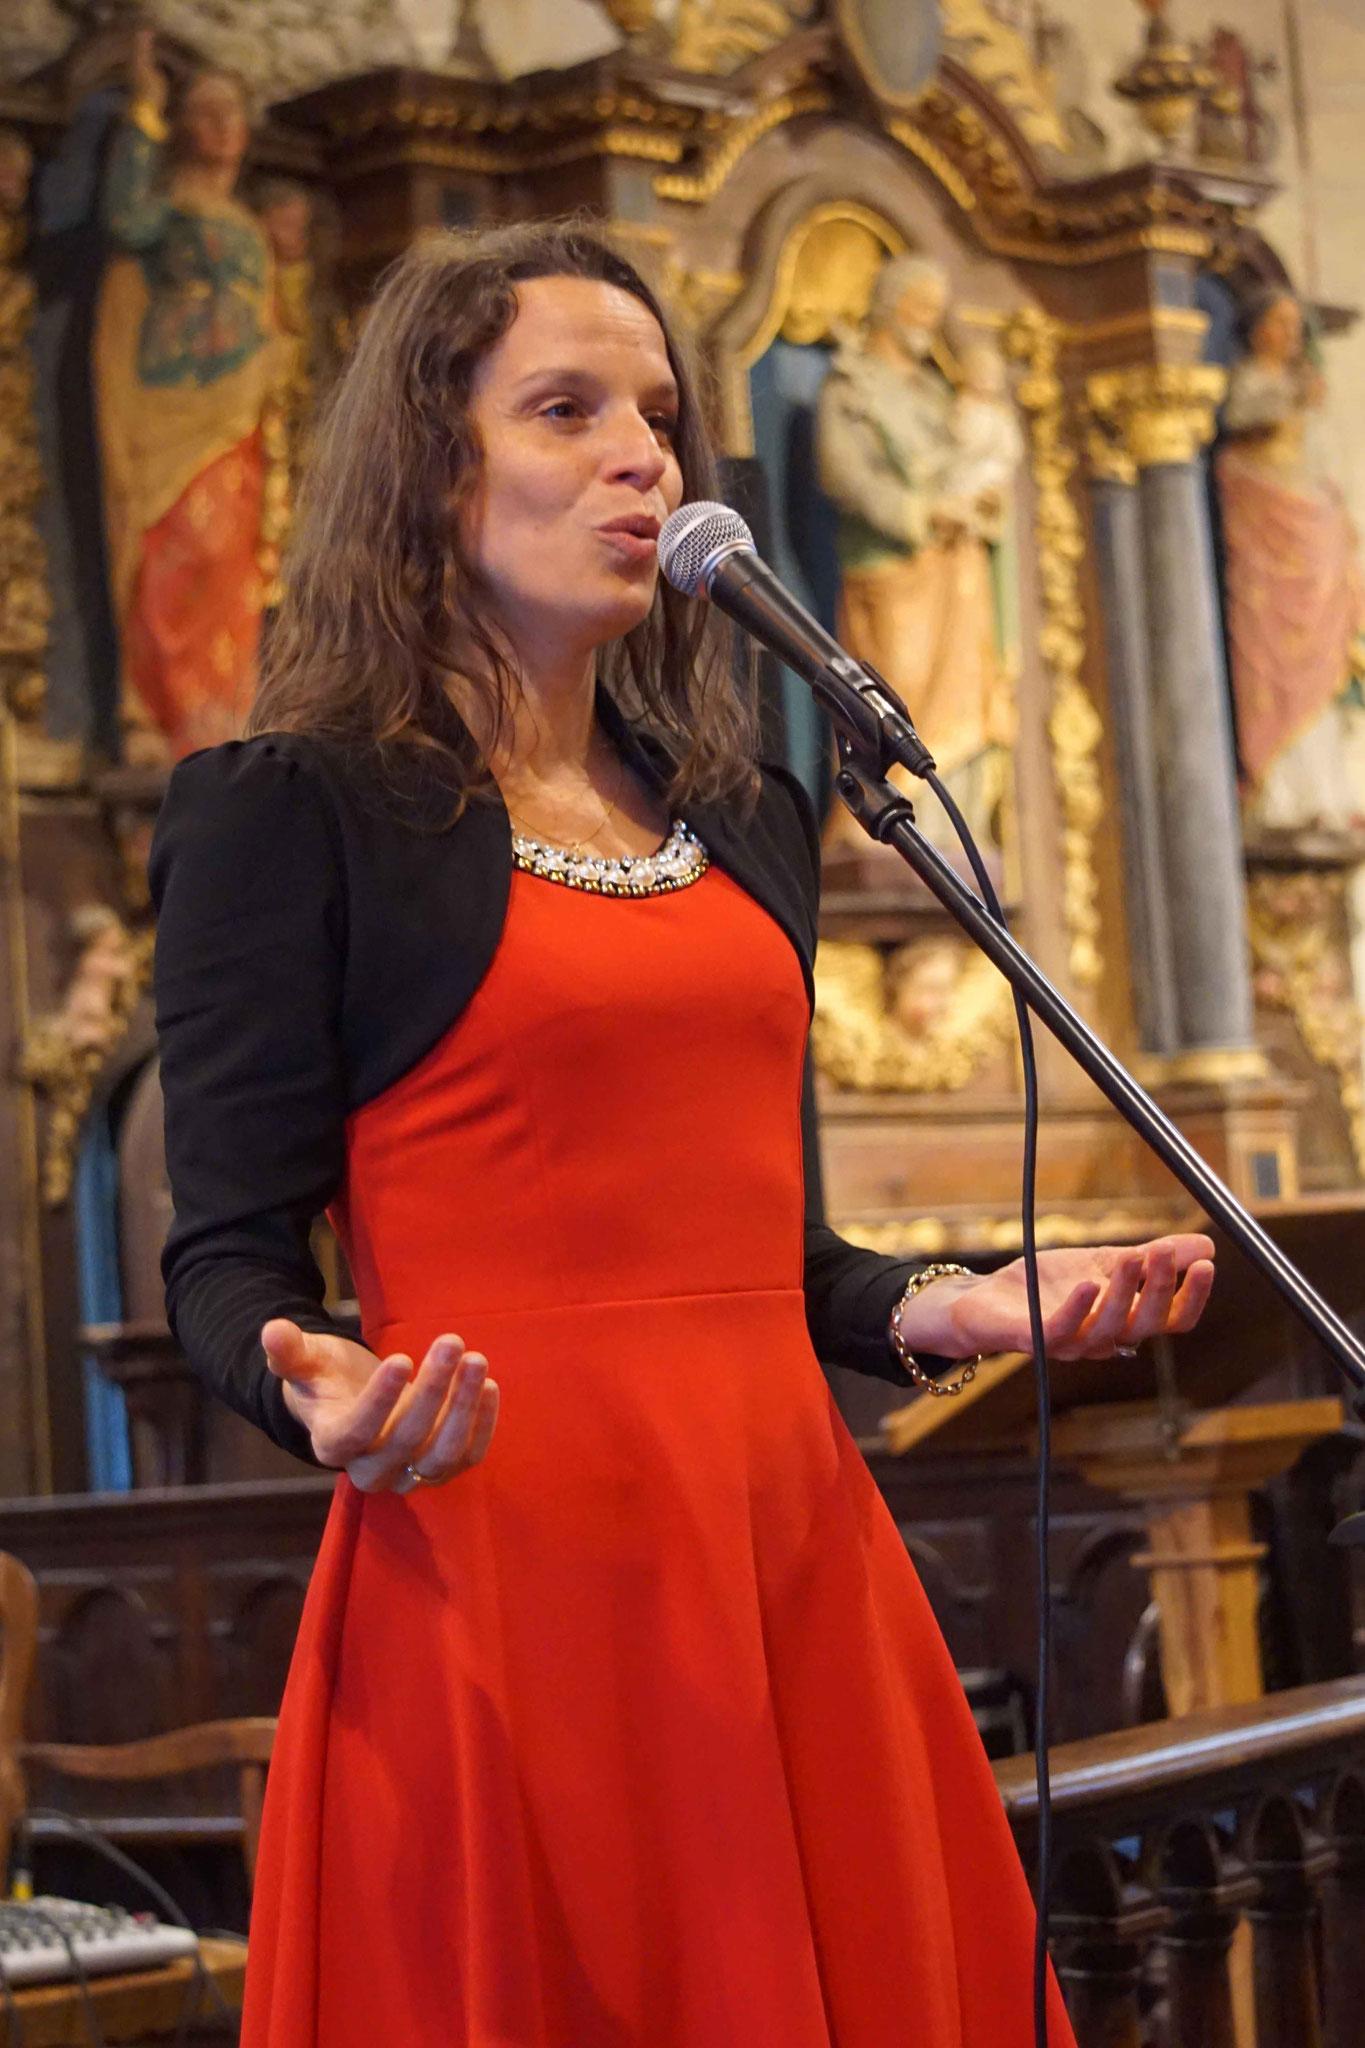 Concert de Pleyber Christ, Dimanche 14 avril 2019 ~ Avec Jean Marc Amis